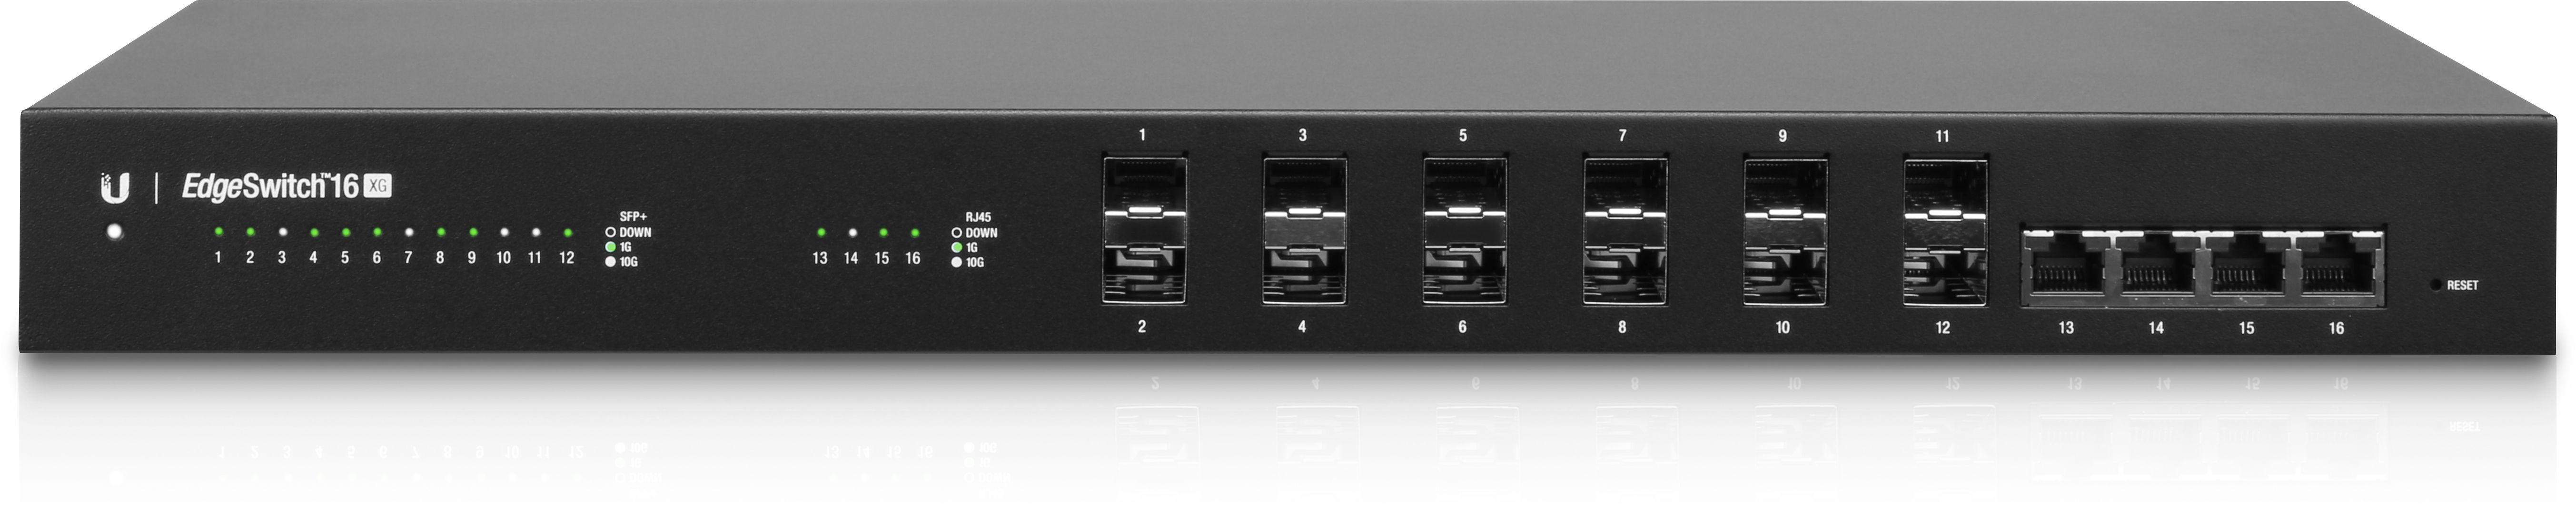 Ubiquiti Networks ES-16-XG